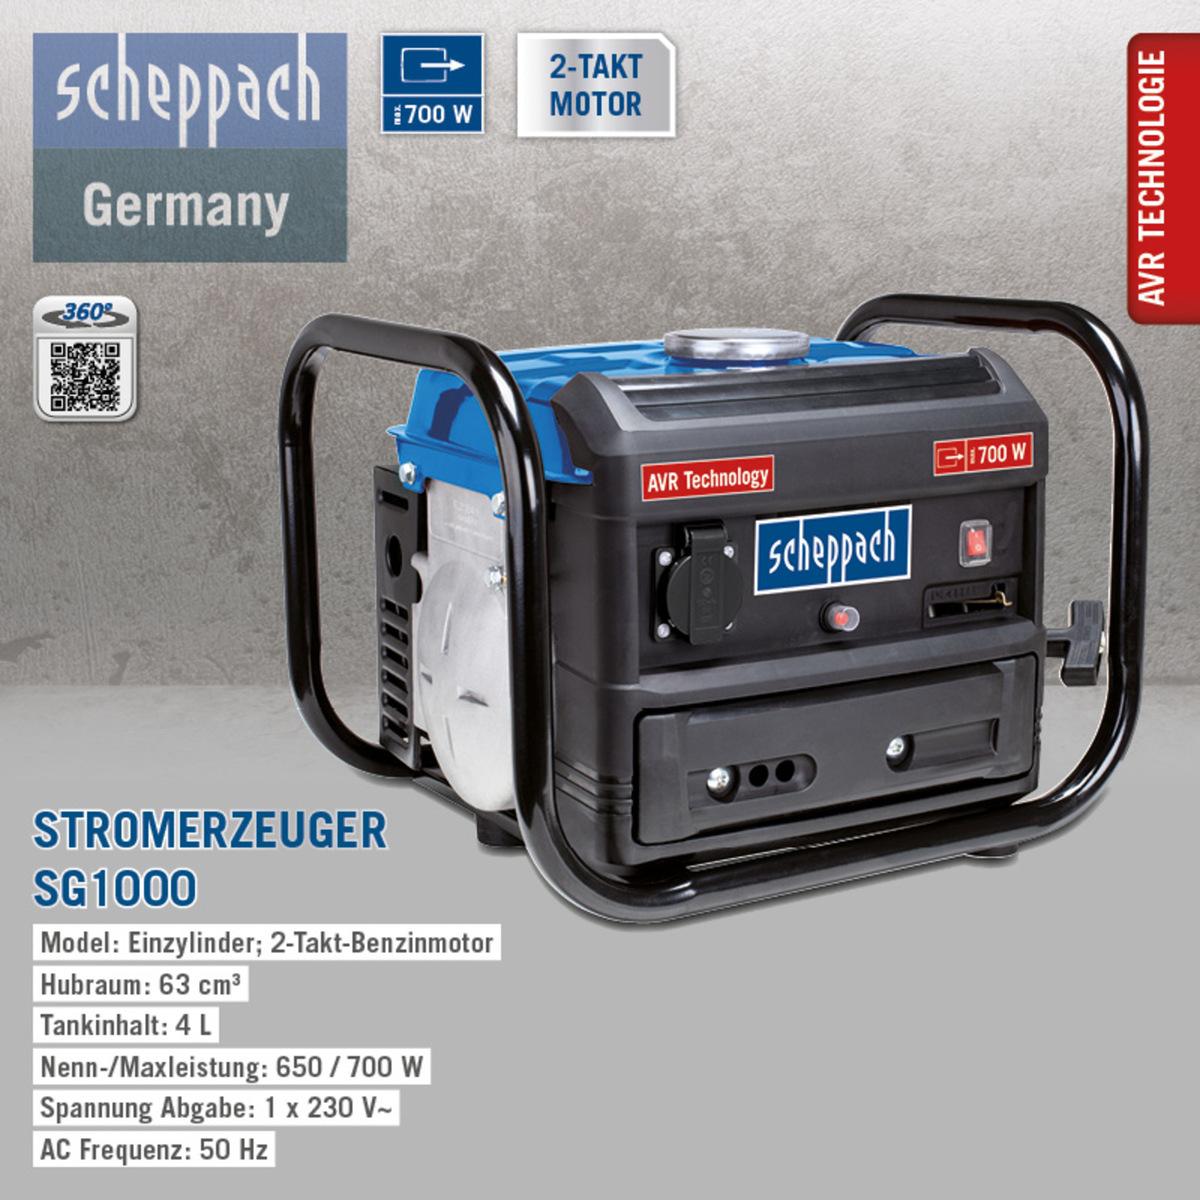 Bild 2 von Scheppach Stromerzeuger SG1000 SE